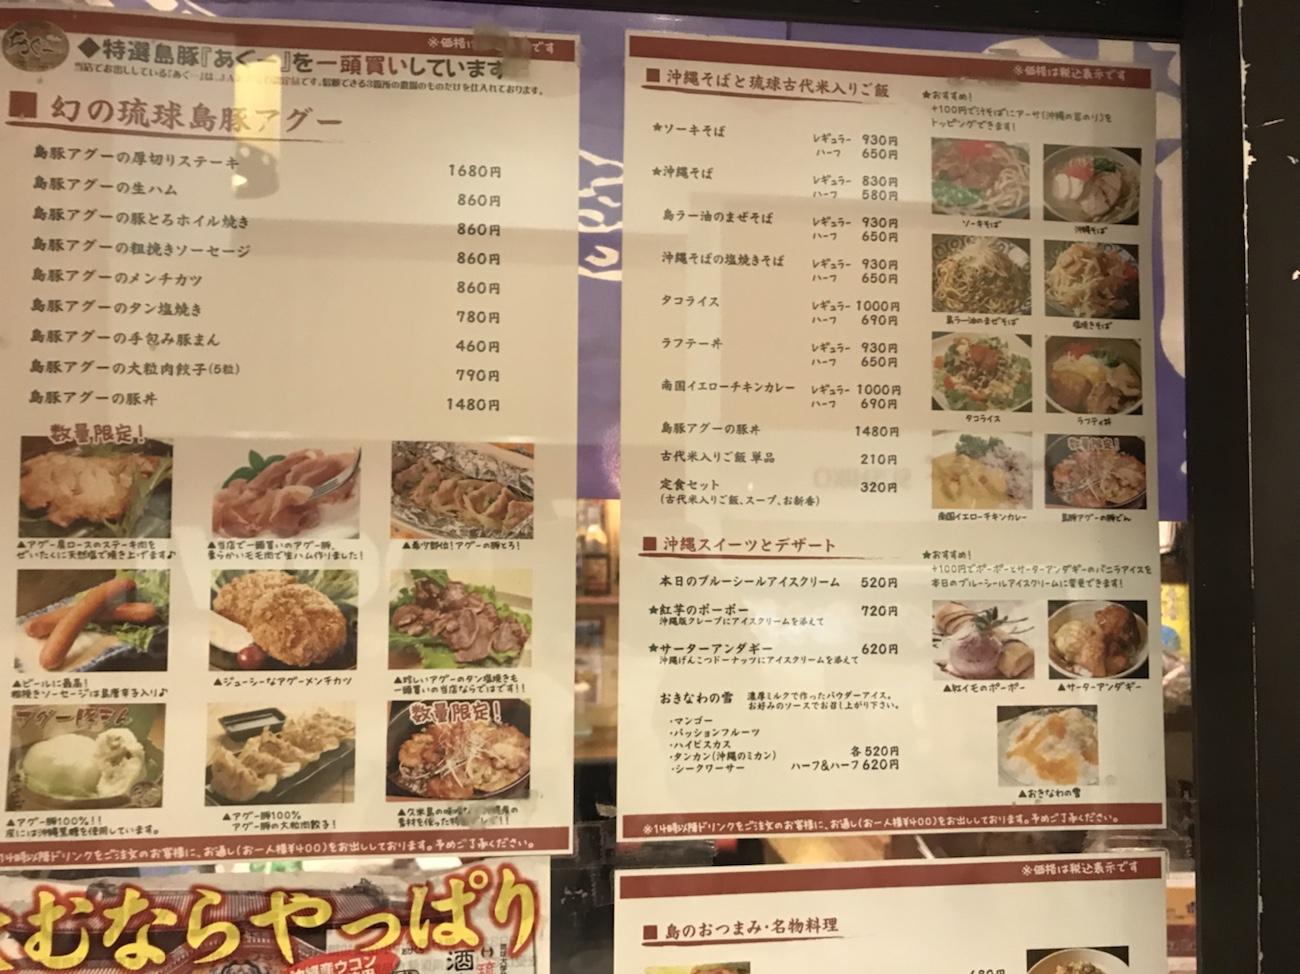 メニュー 南風花 お台場ランチ沖縄料理